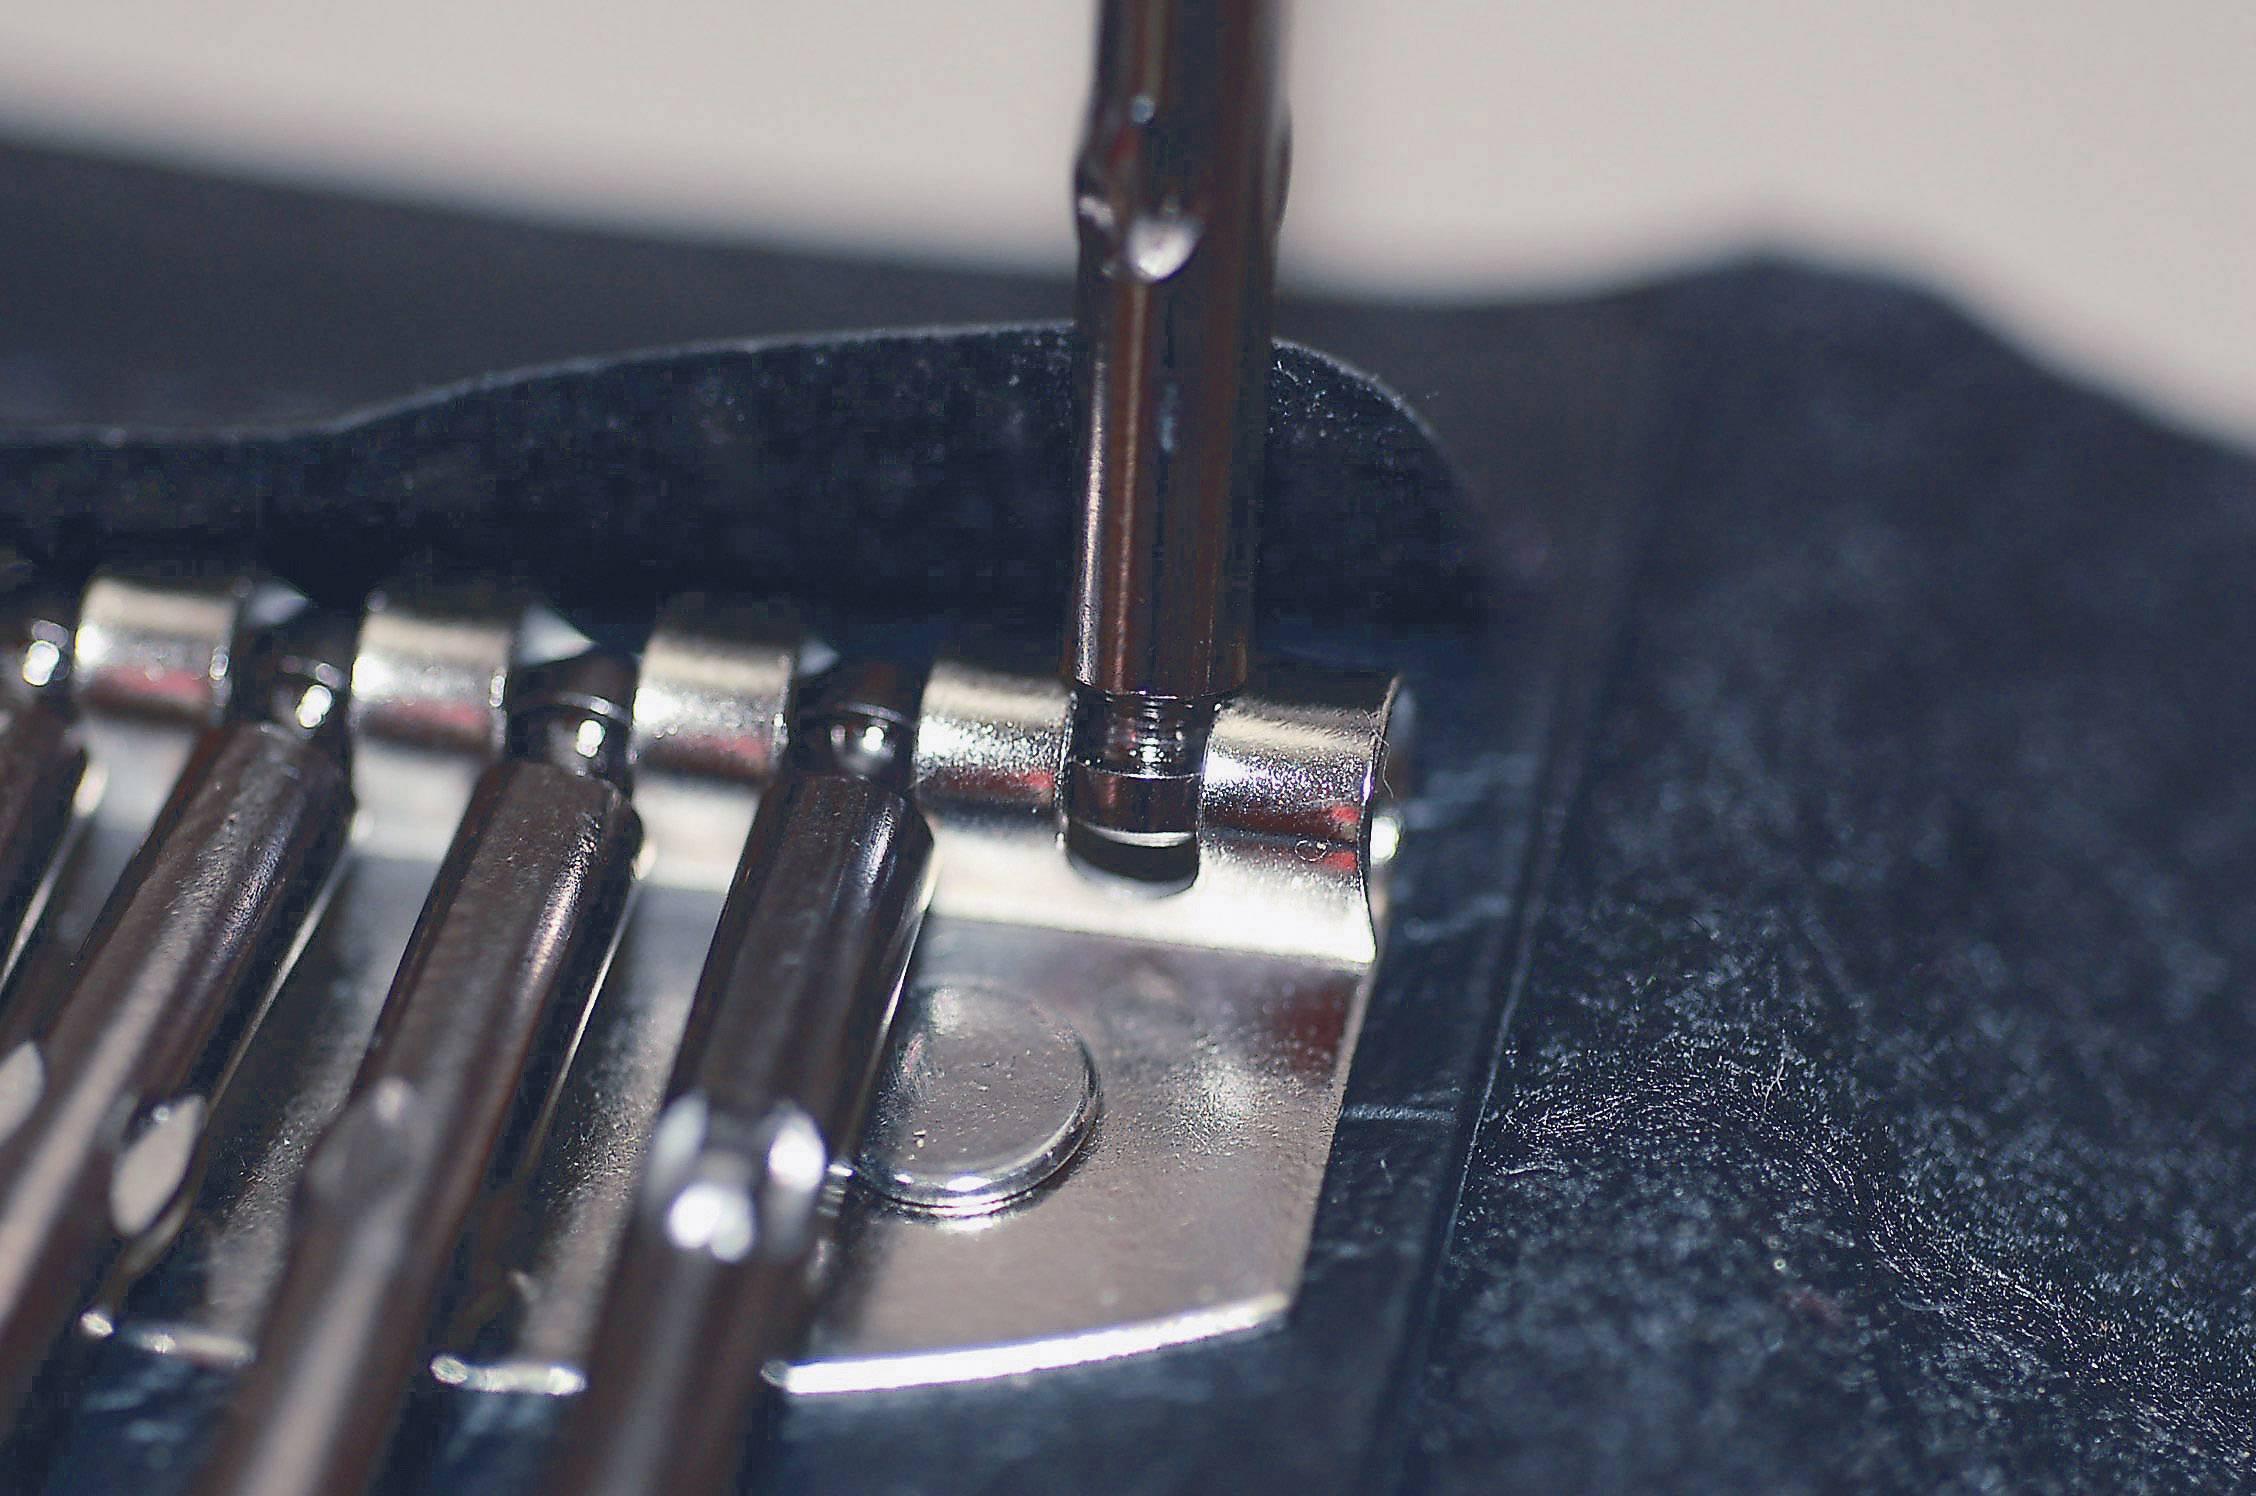 13 dielna sada štrbinových/krížových precíznych skrutkovačov